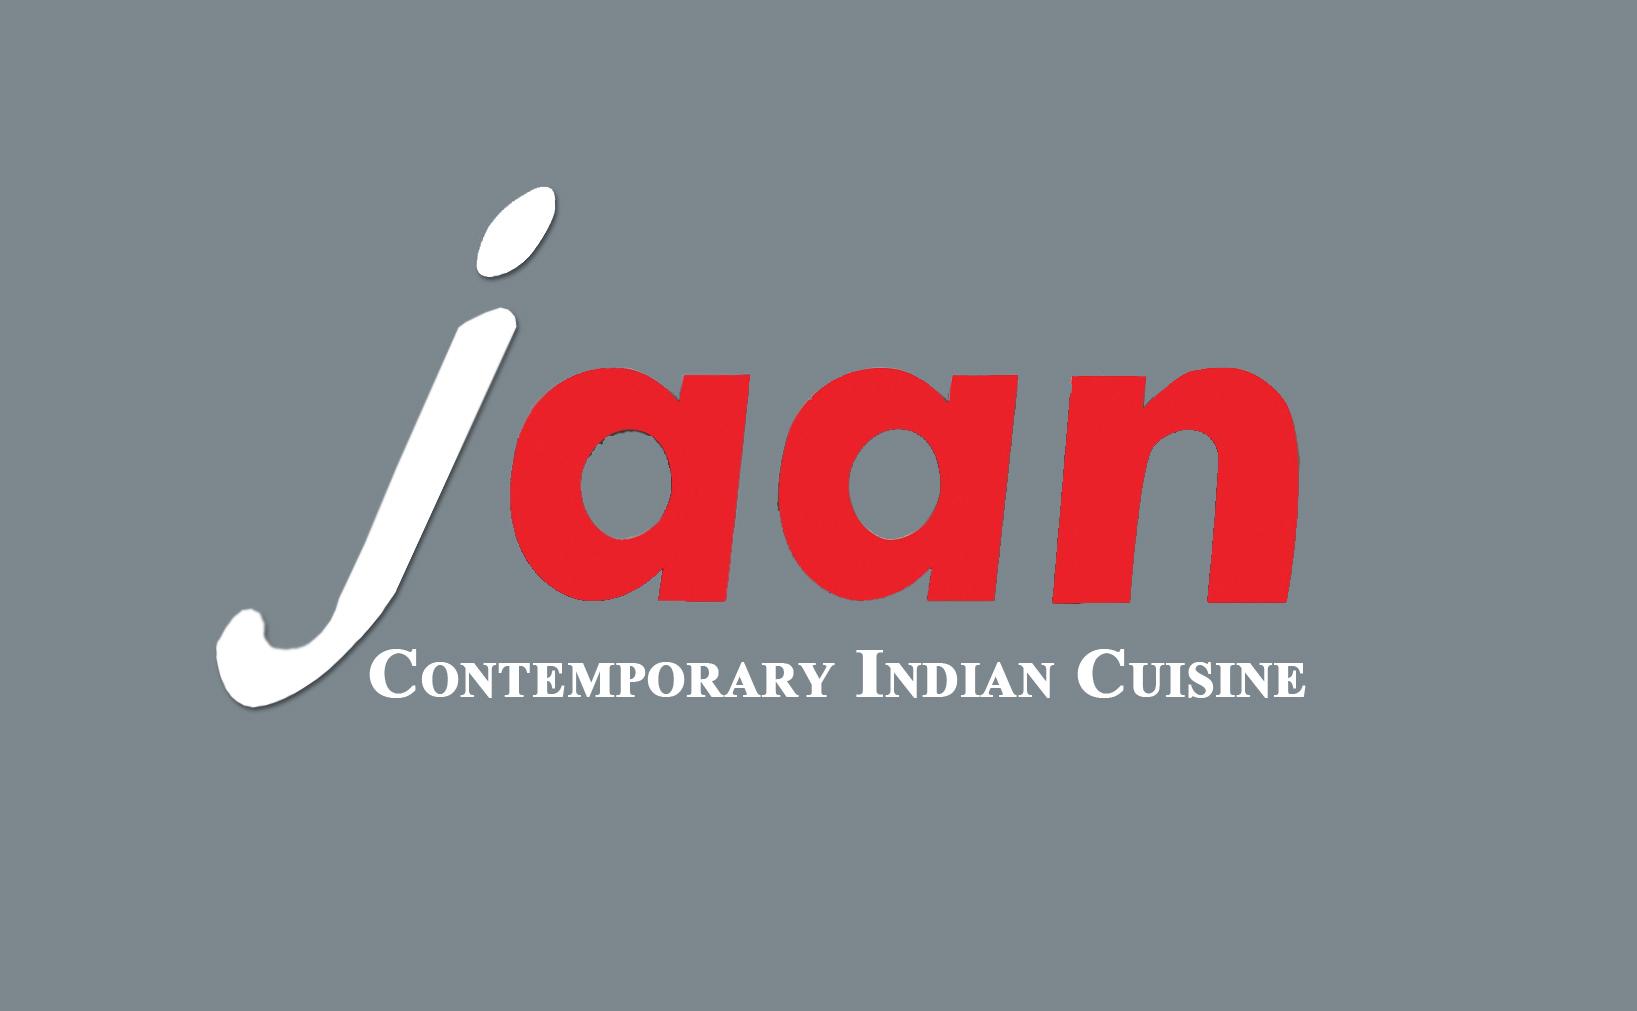 Jaan Indian Cuisine